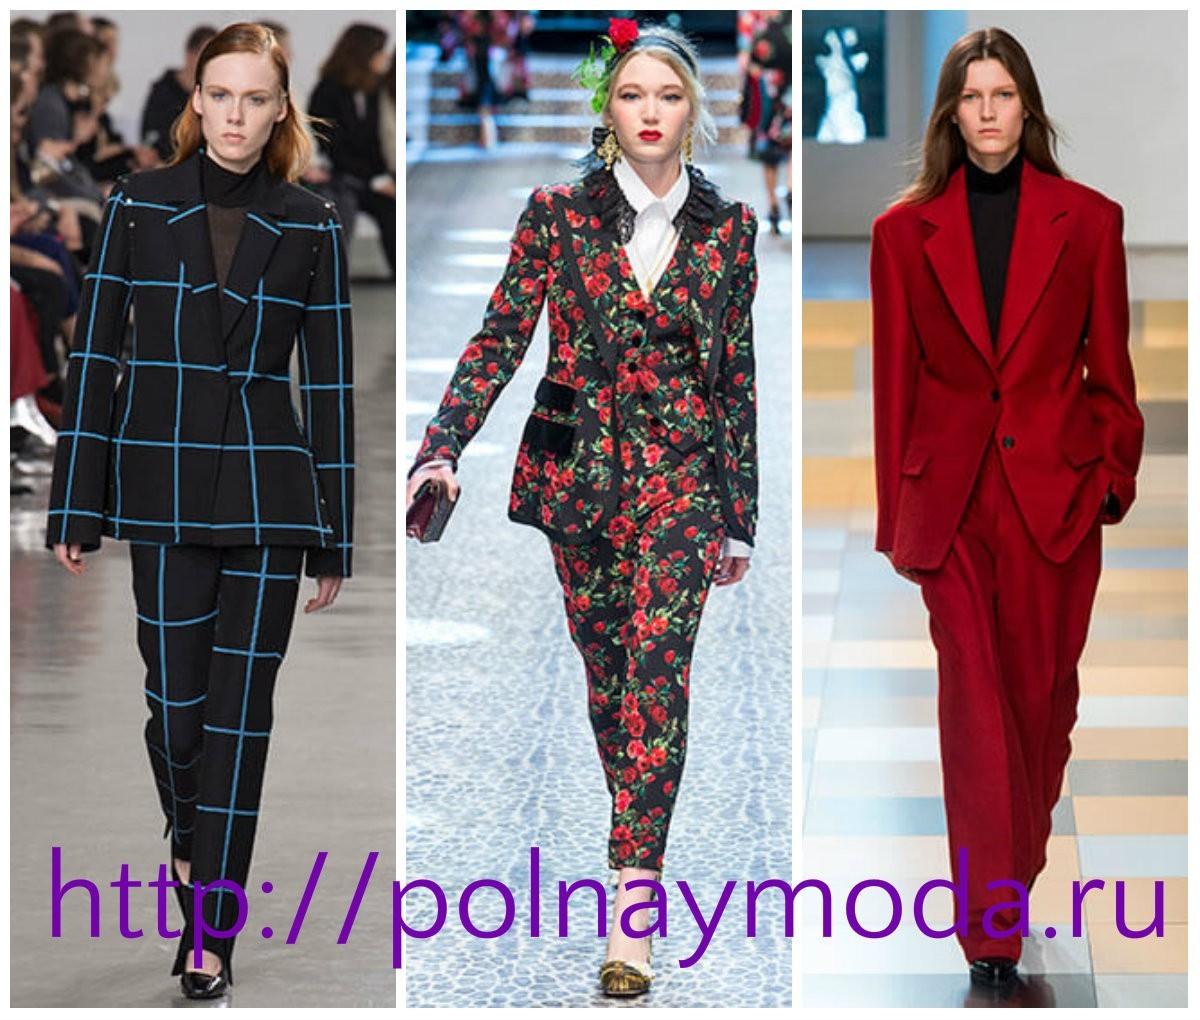 брючные костюмы мода ИТалии, осень зима 2018, костюмы оверсайз, цветные, принтованные красные